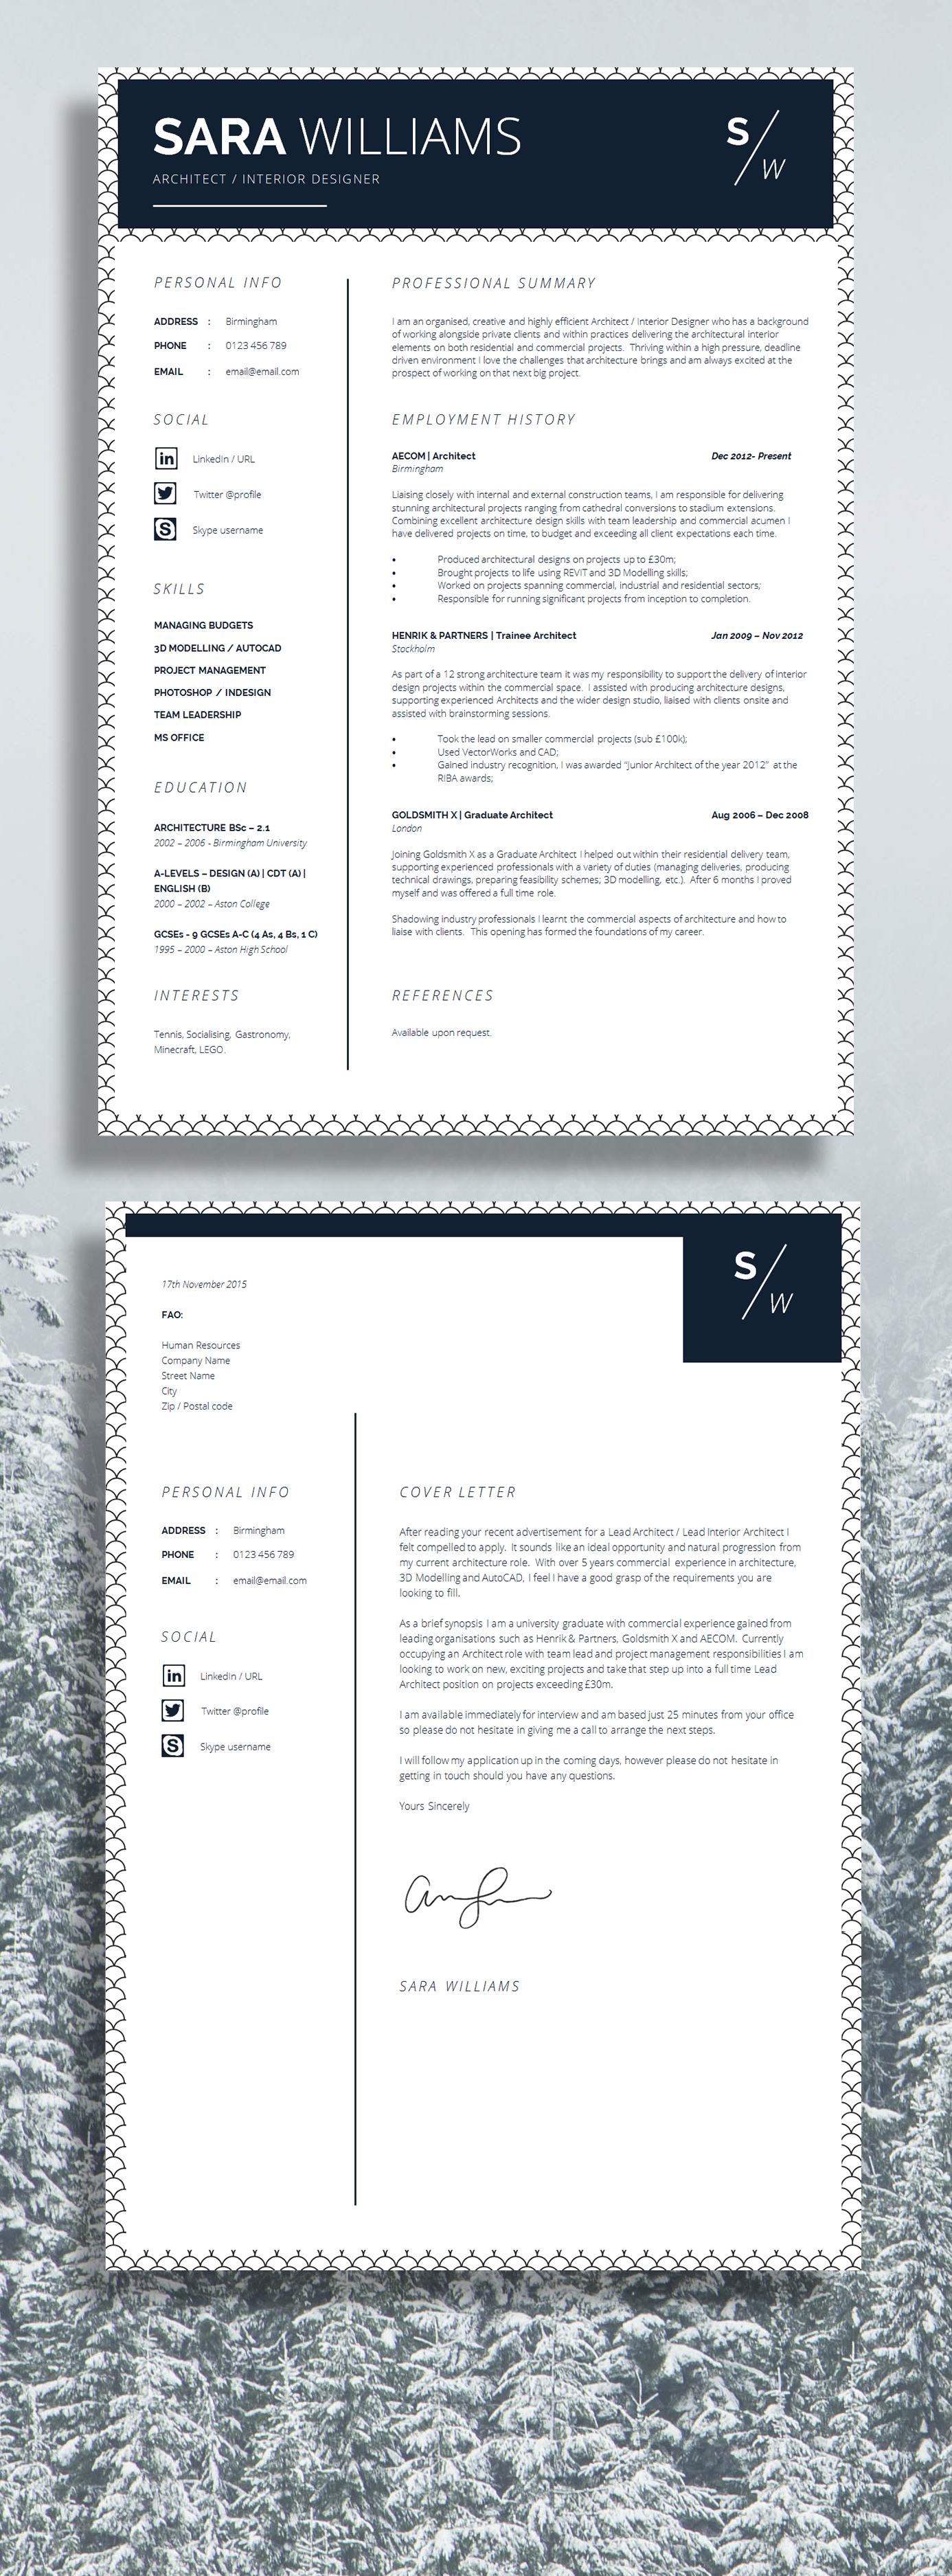 Curriculum Vitae | CV Design | Resume Design | Instant ...